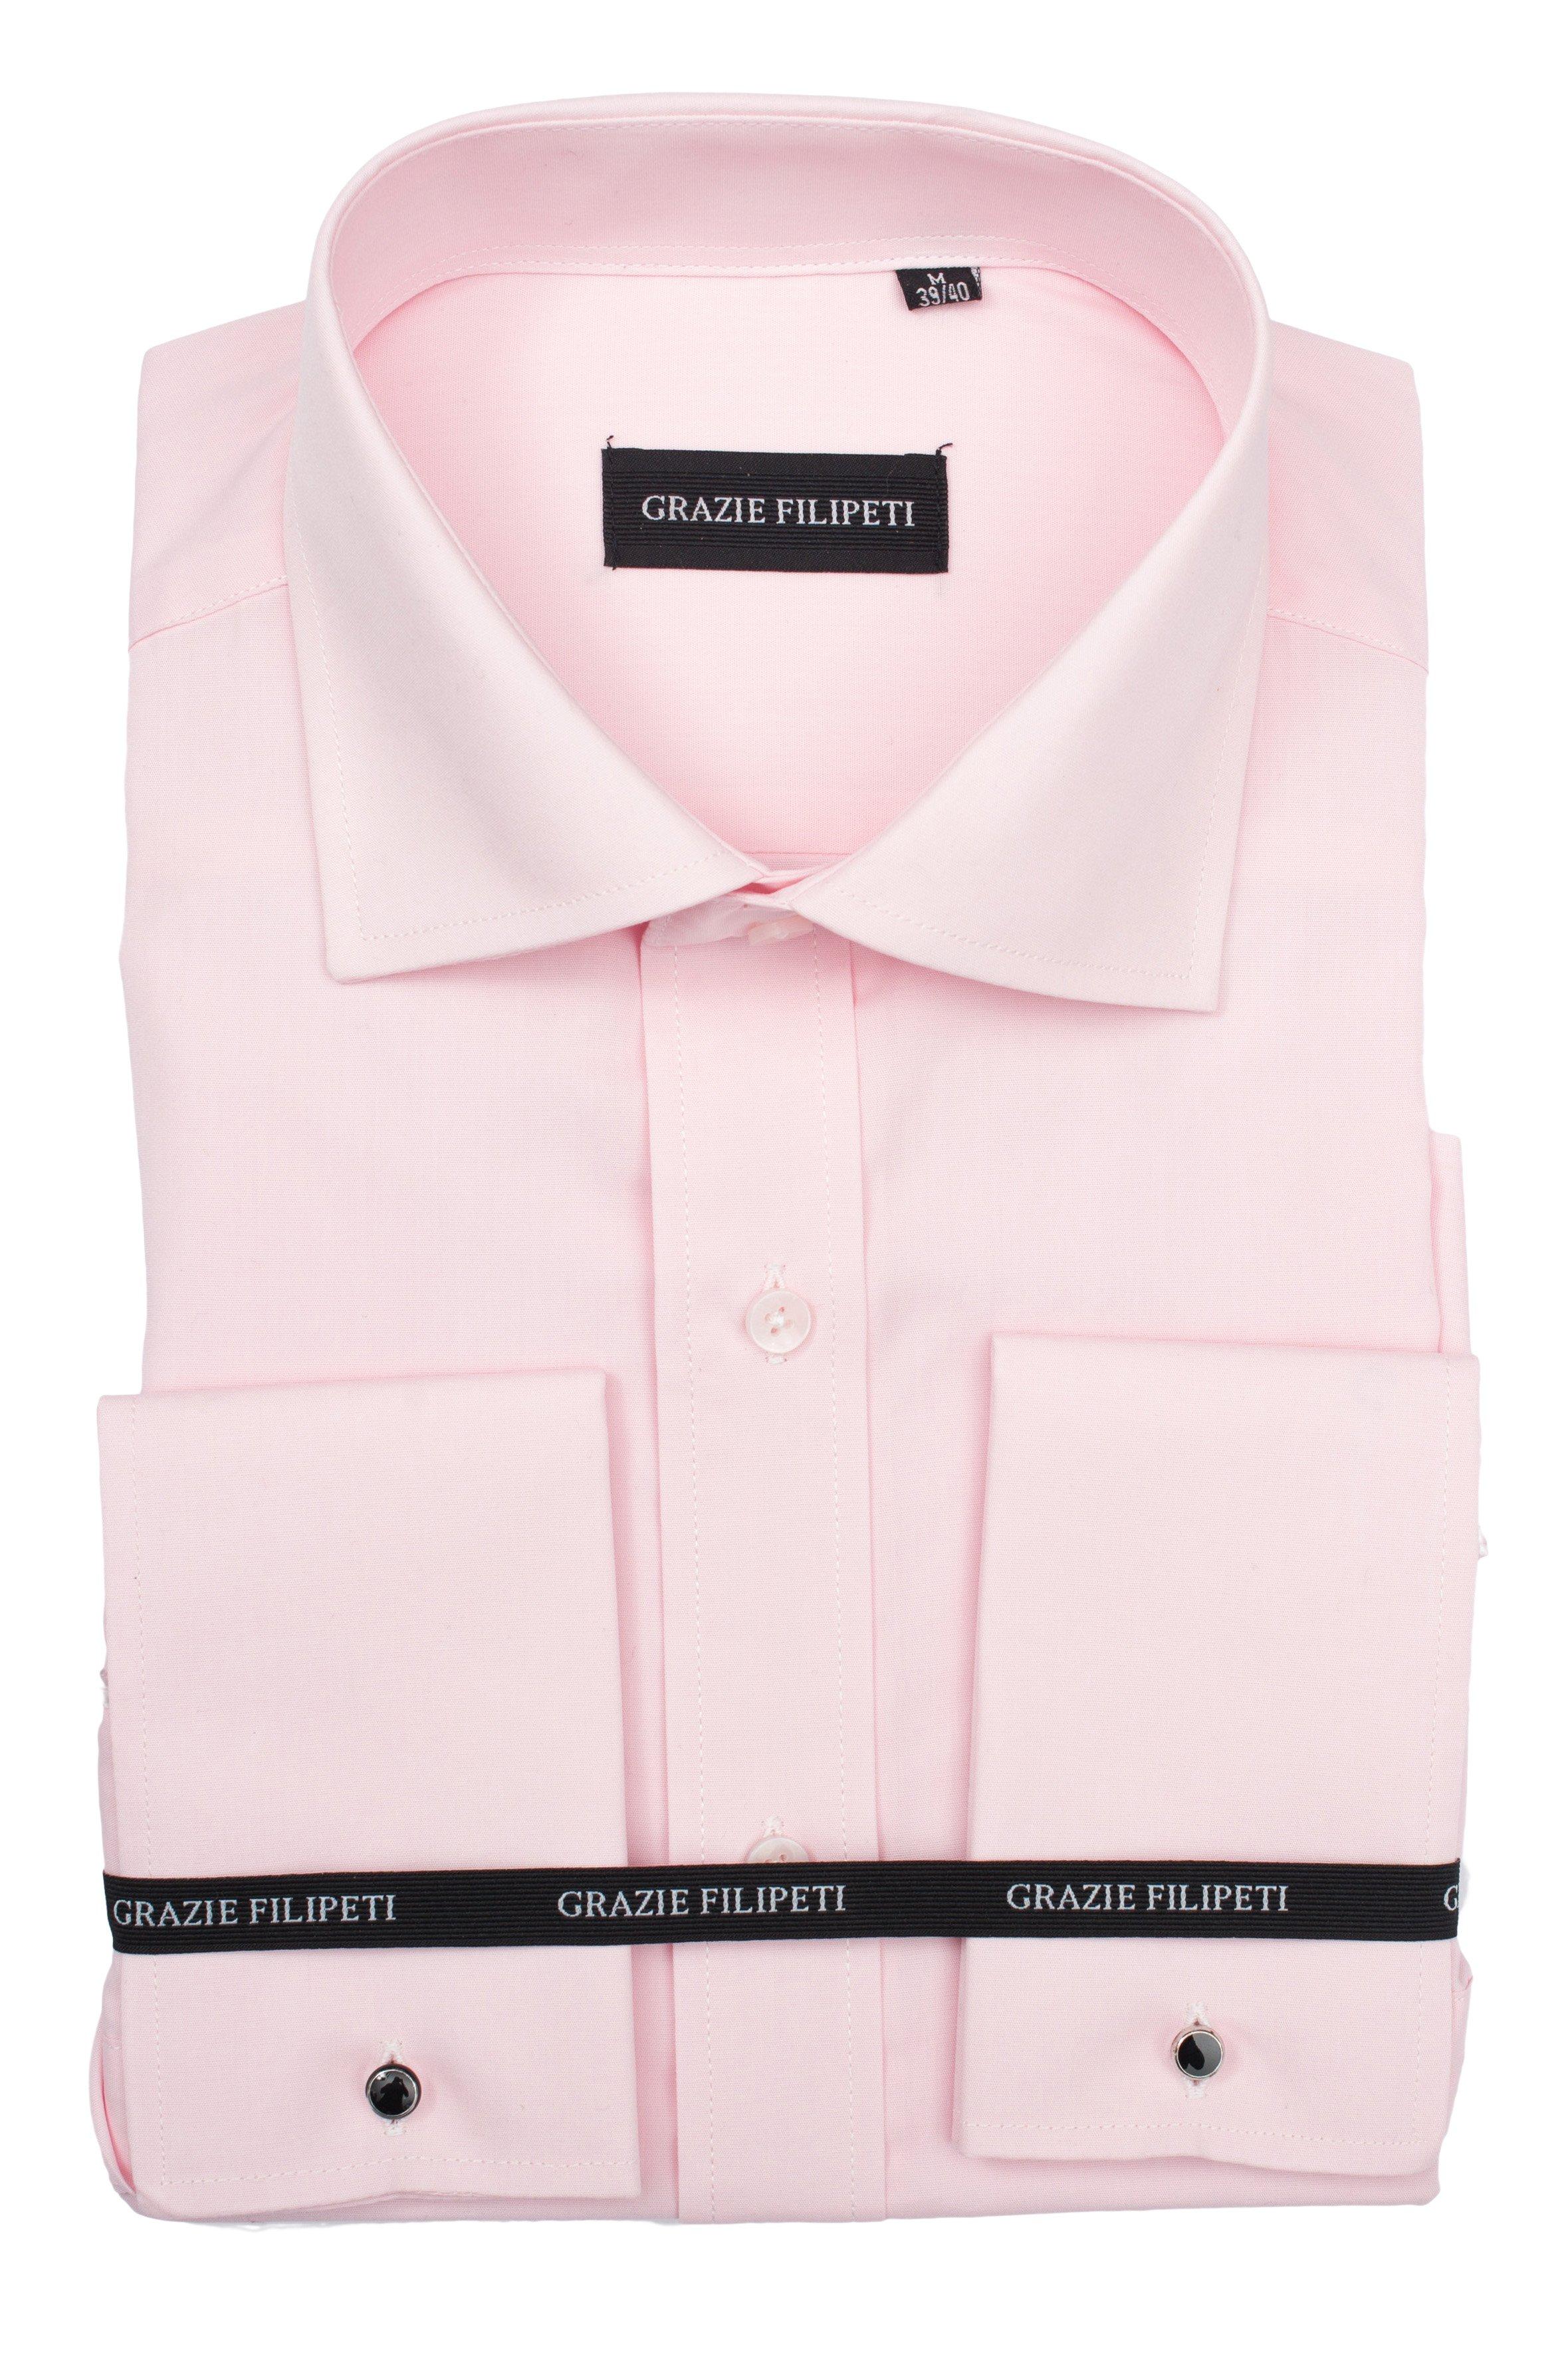 Camasa barbati Clasica roz pentru butoni Grazie Filipeti